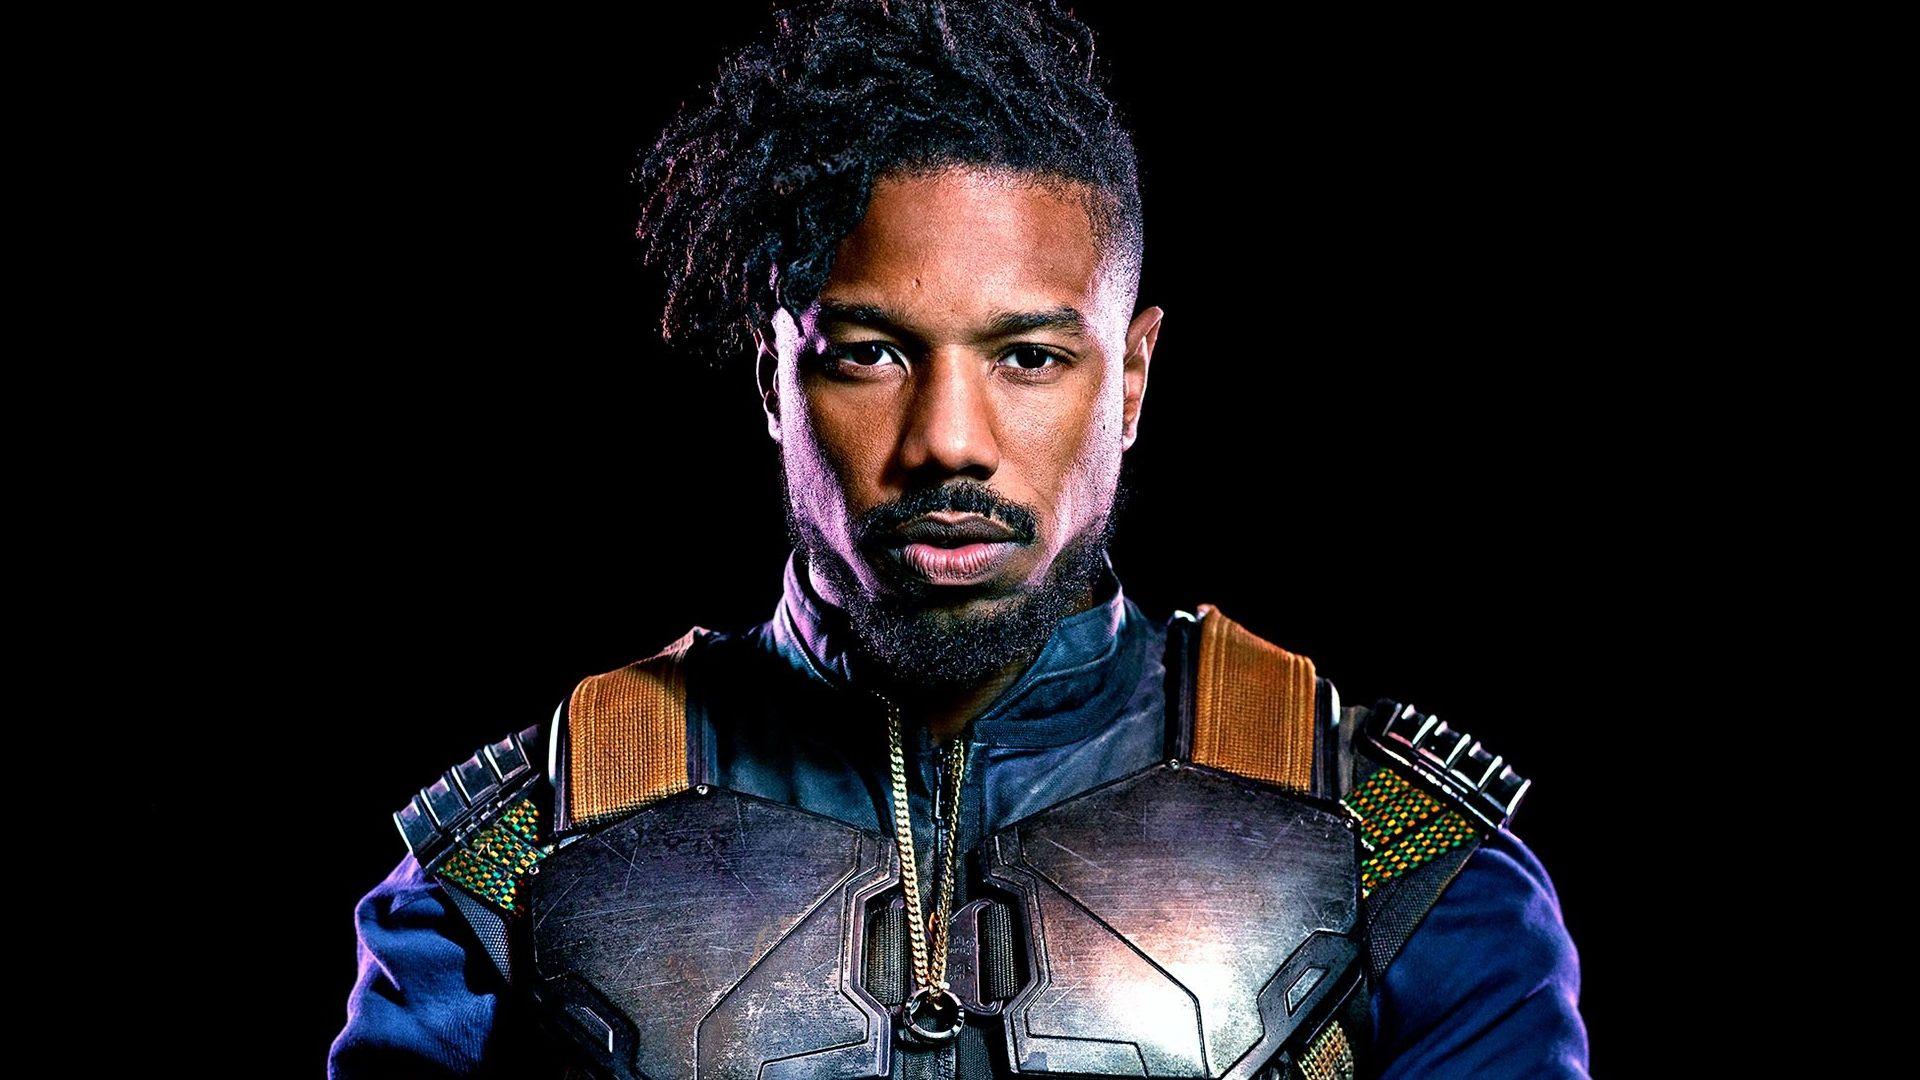 Wallpaper Black Panther, Michael B. Jordan, 2018 movie, actors